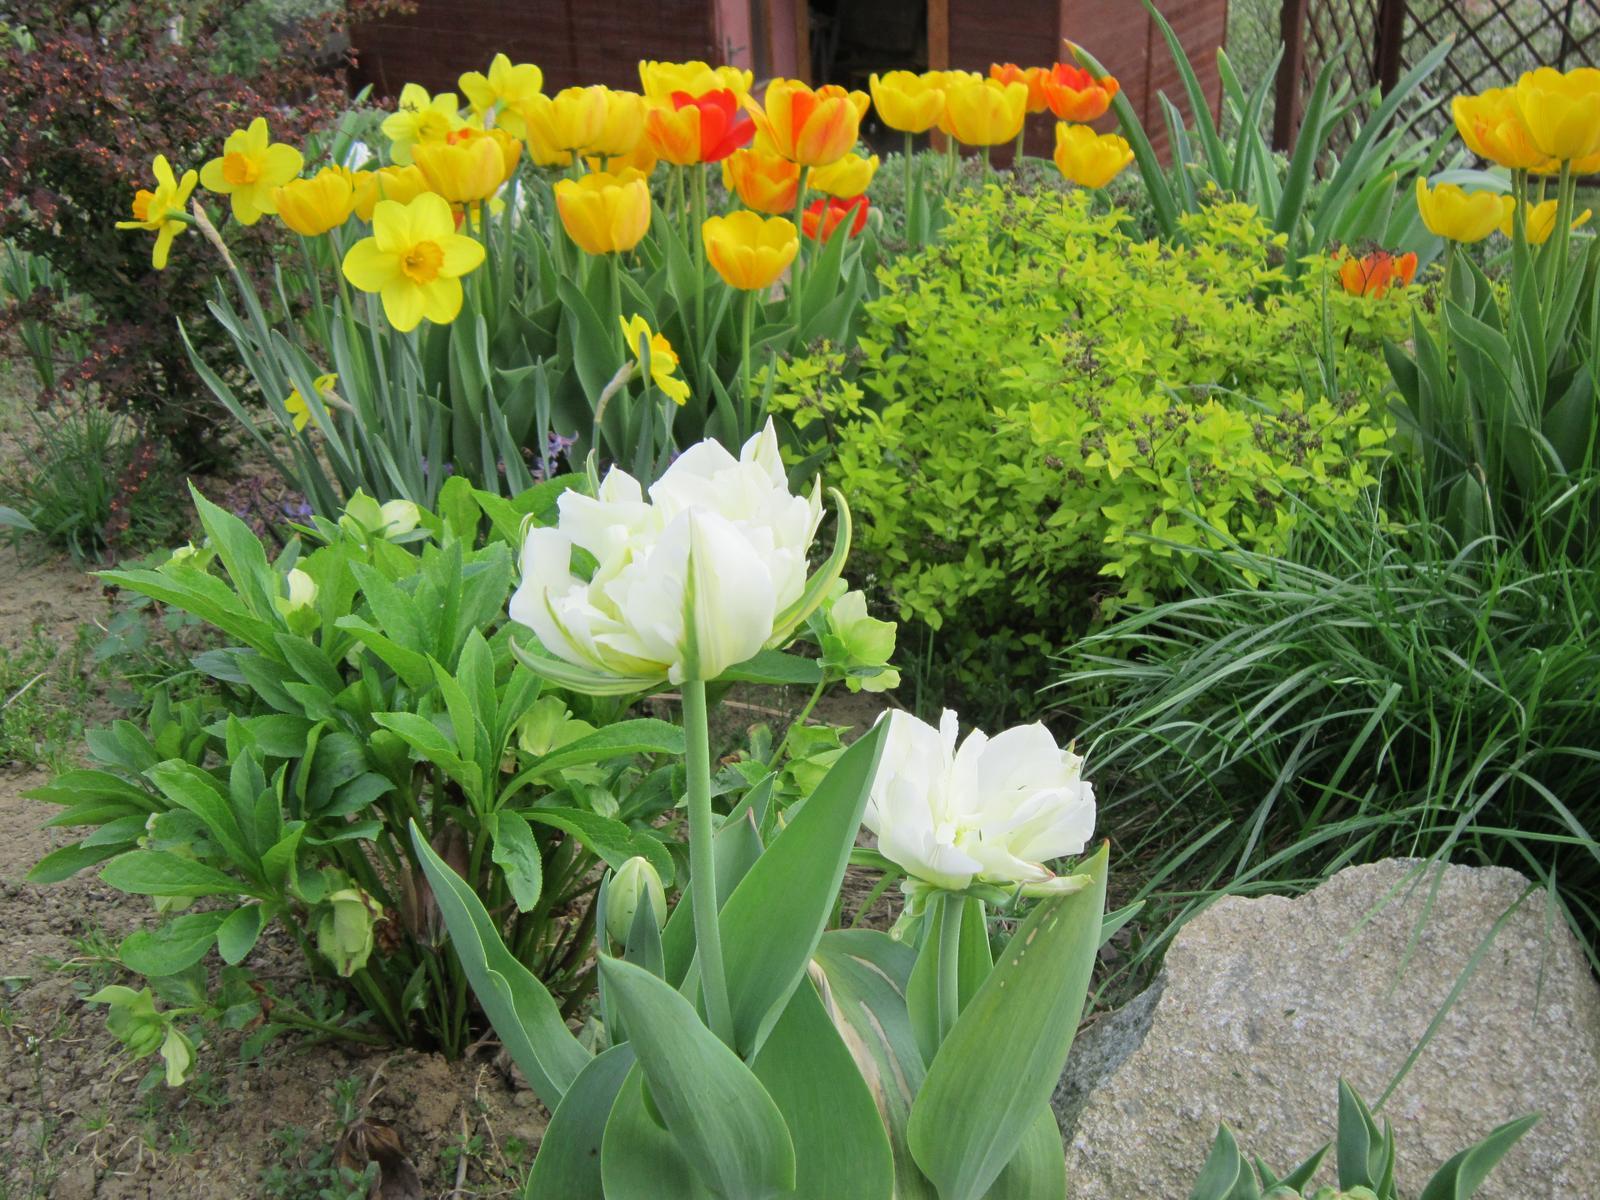 Pozvanie do našej jarnej záhrady - Obrázok č. 10